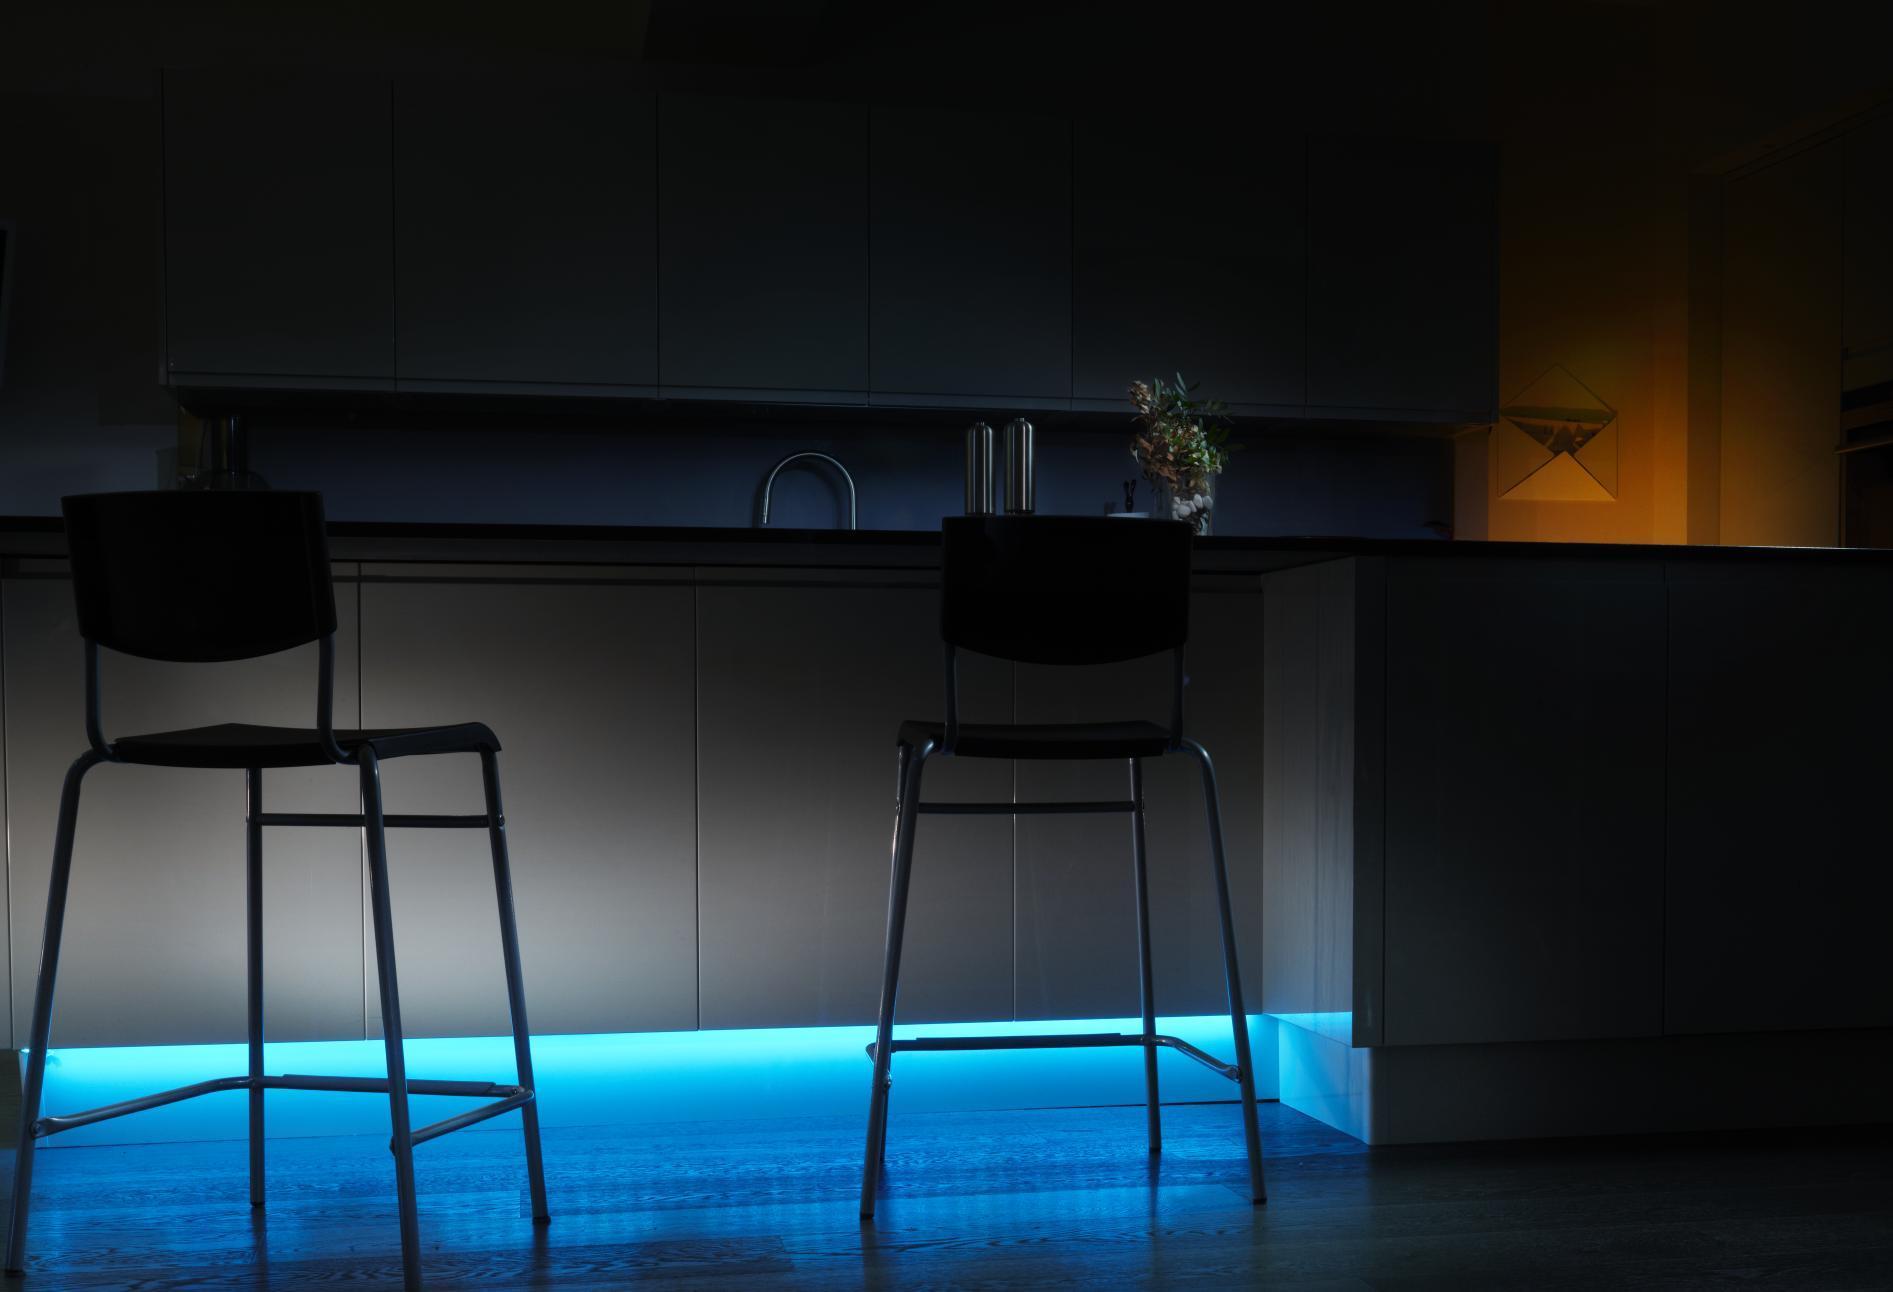 Sanfte indirekte Beleuchtung Wohnbereiche mit Lichtakzenten betonen oder Räume in harmonisches Licht tauchen Wenn Sie Ihre Wohnung gerne schön ausleuchten öffnen Ihnen flexible LEDLichtbänder wie Philips Hue Lightstrip Plus fantasievolle Möglichkeiten